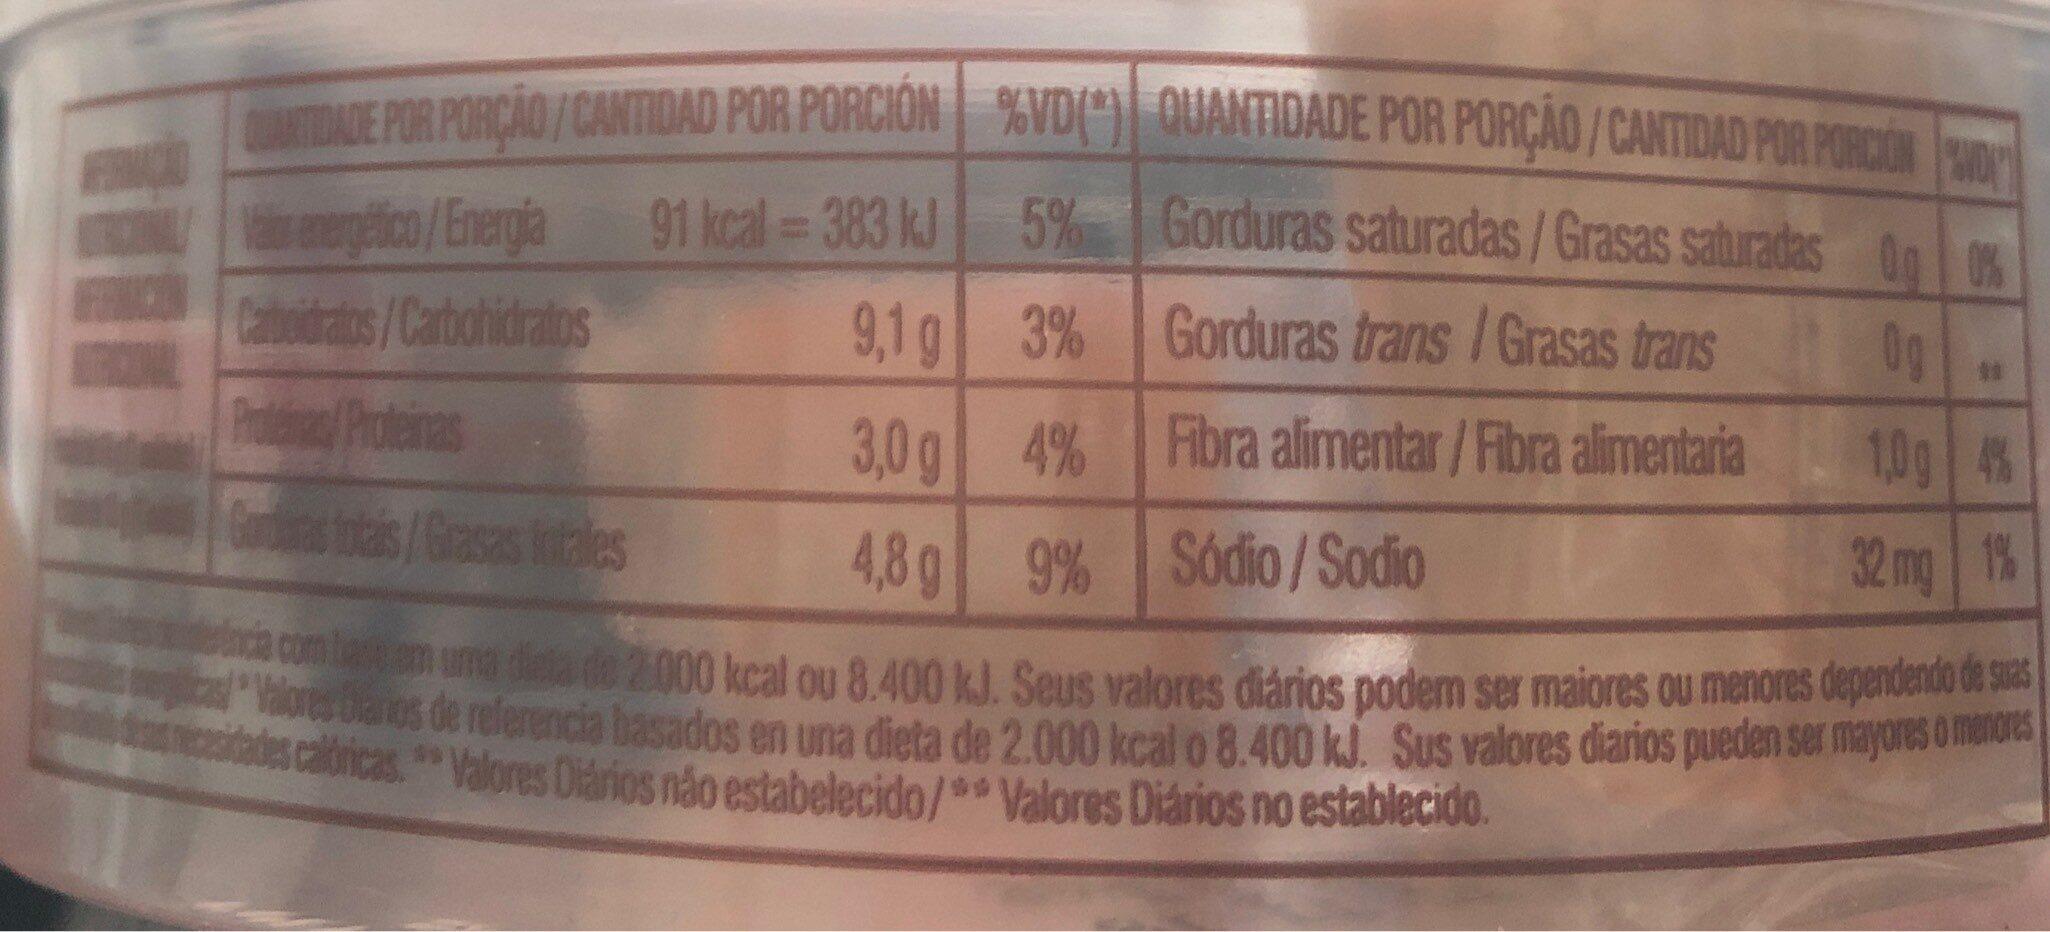 Paçoca Rolha Com Açúcar Mascavo Dacolônia 210G - Informação nutricional - fr